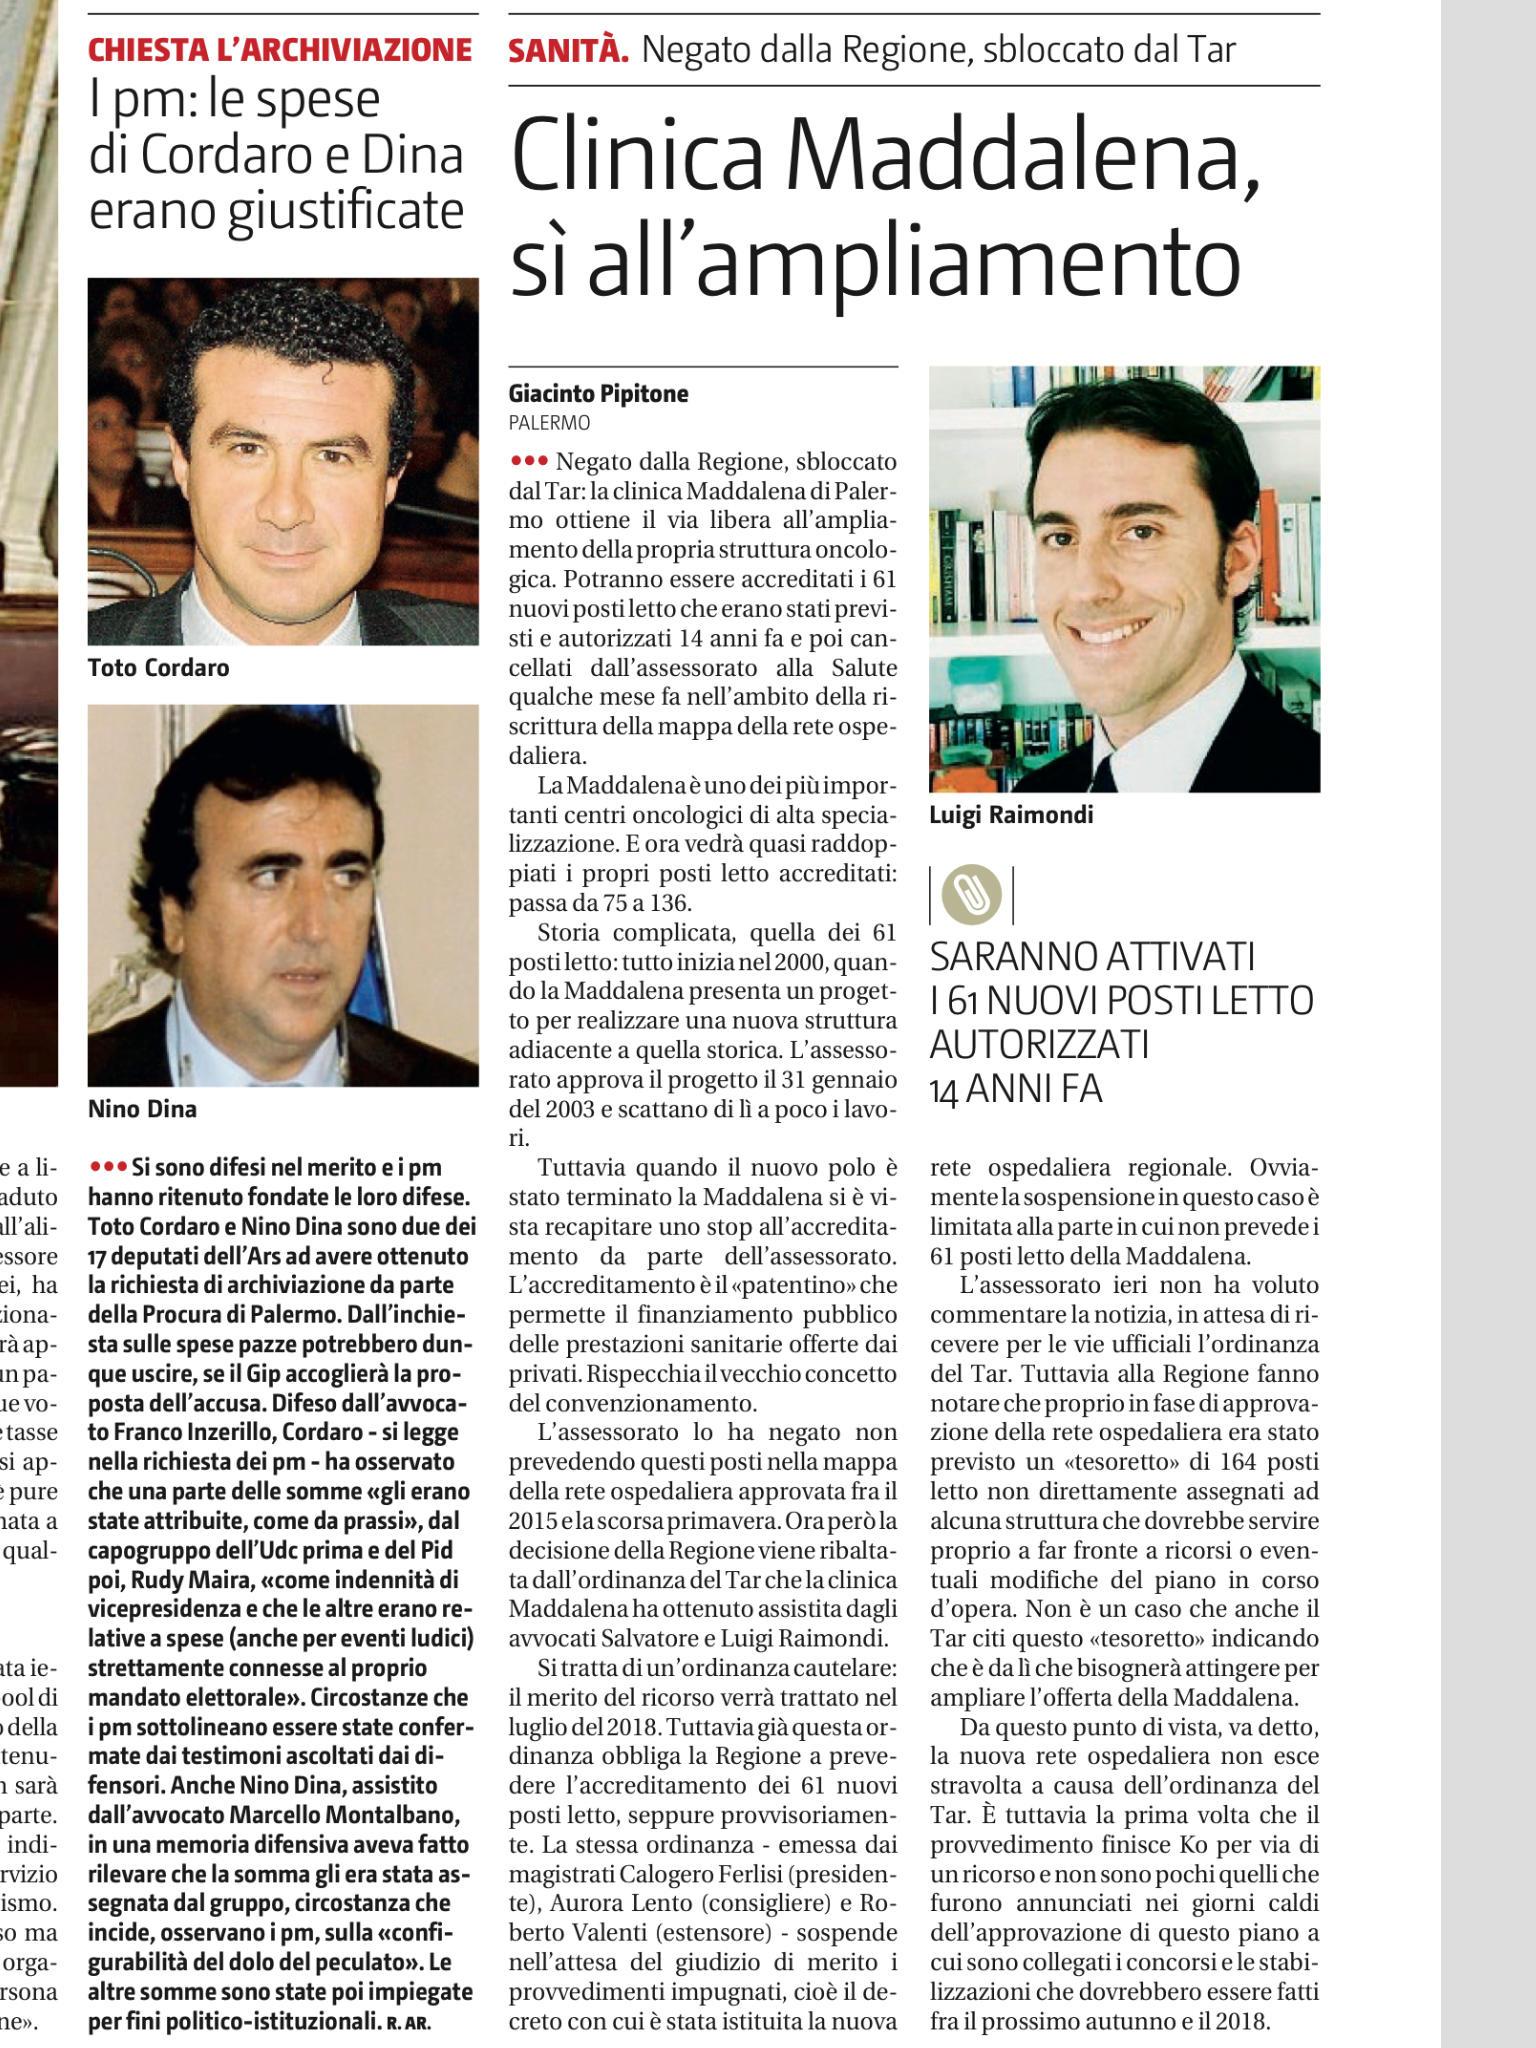 Articolo GDS la Maddalena